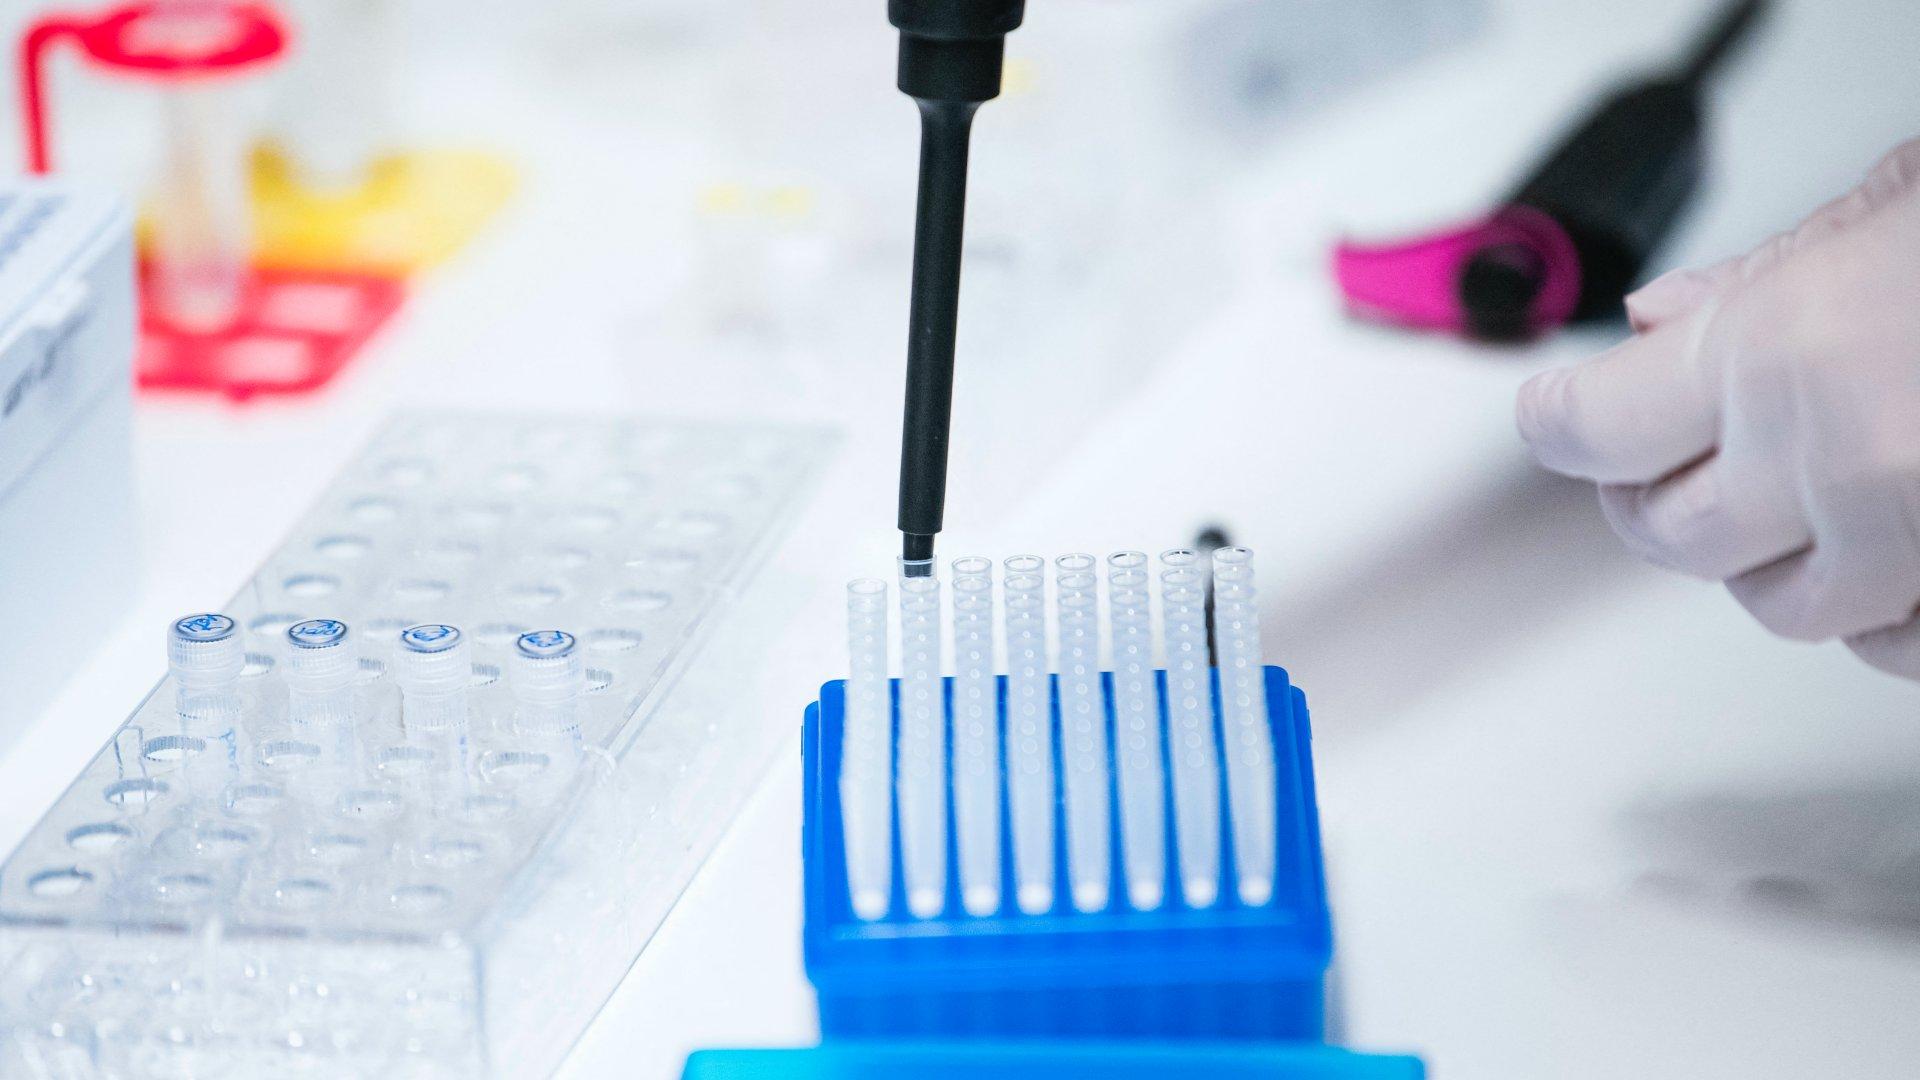 Koronavírusteszt laboratóriumban